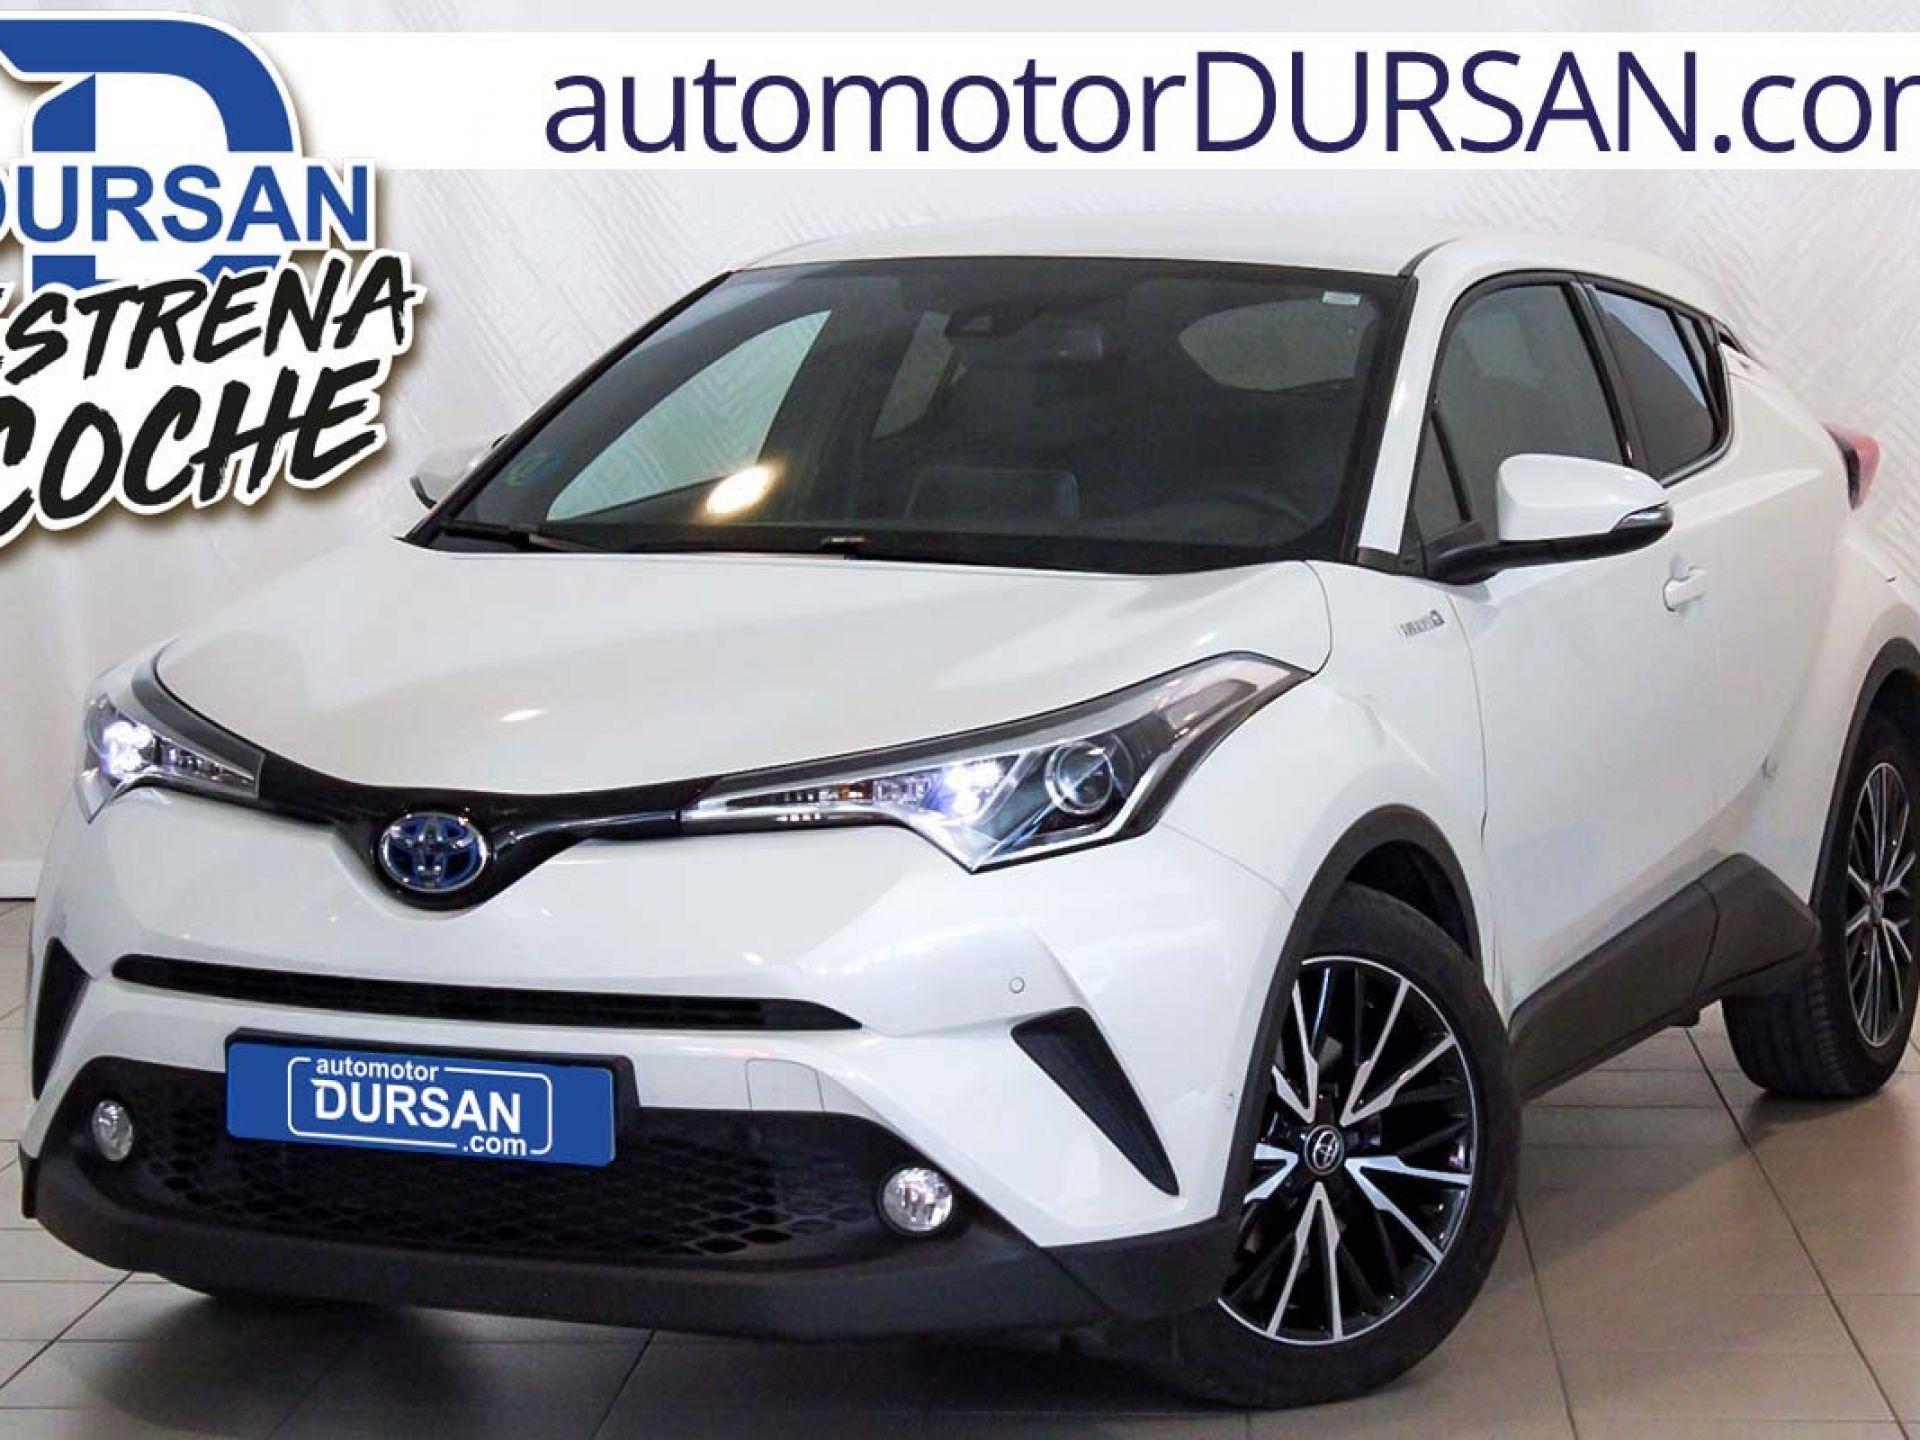 Toyota C-HR ocasión segunda mano 2017 Híbrido por 19.900€ en Madrid